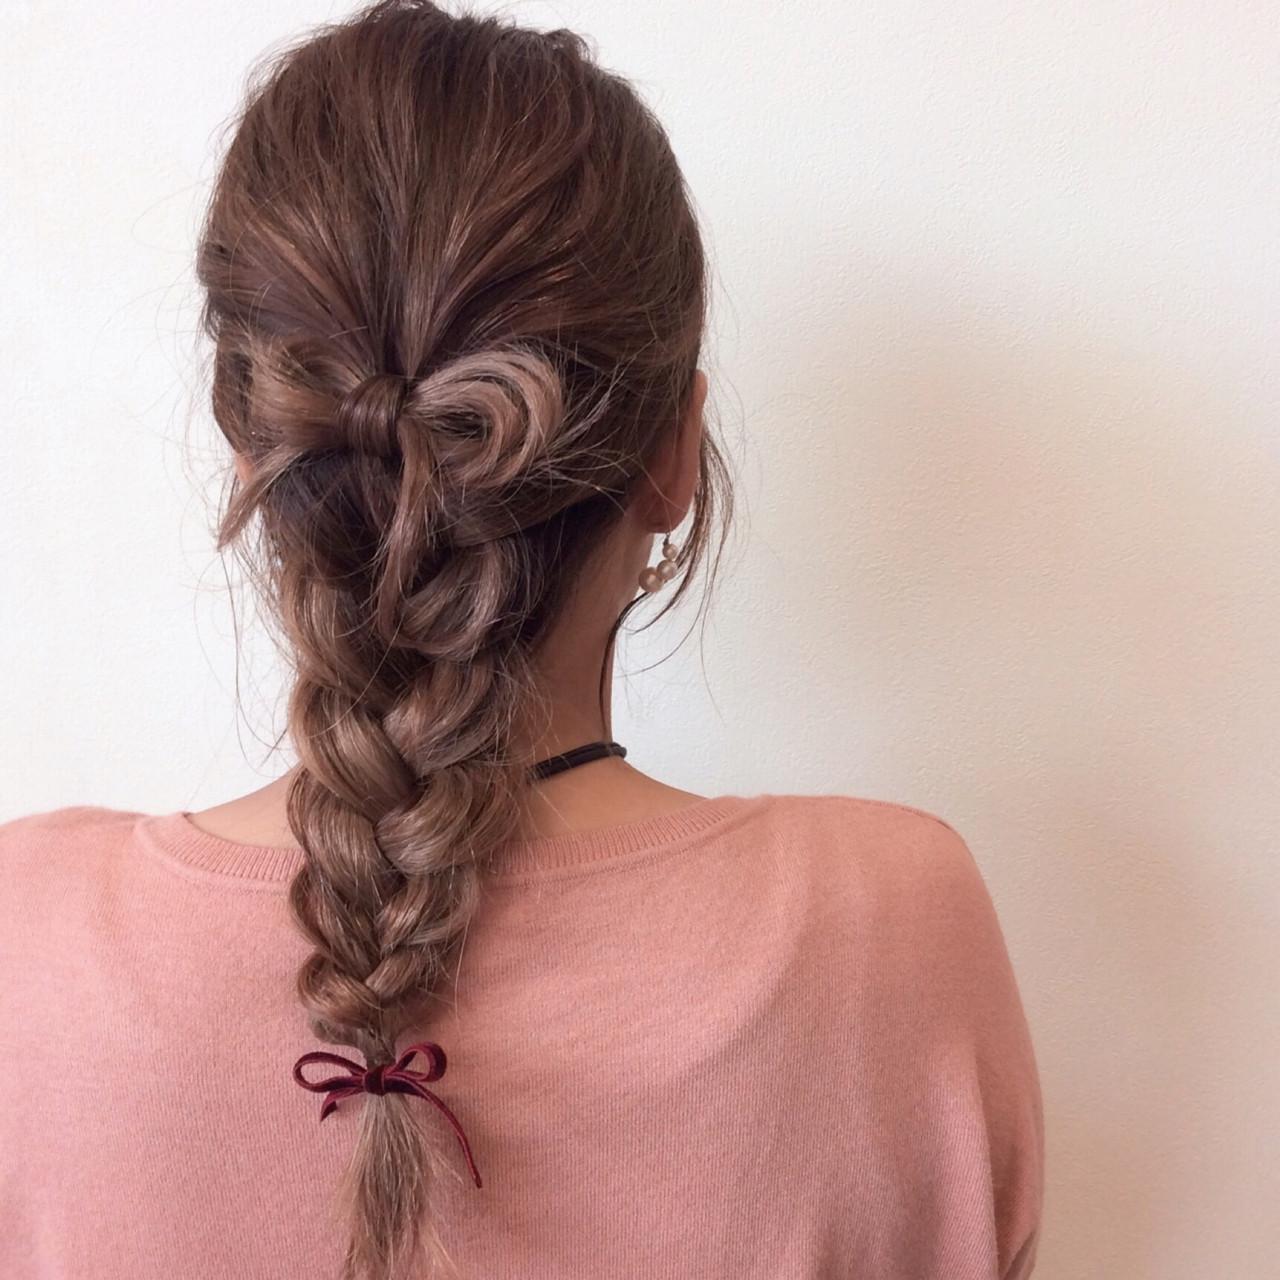 三つ編みができれば簡単!編みおろしヘア 石井美那 | BERA g hair